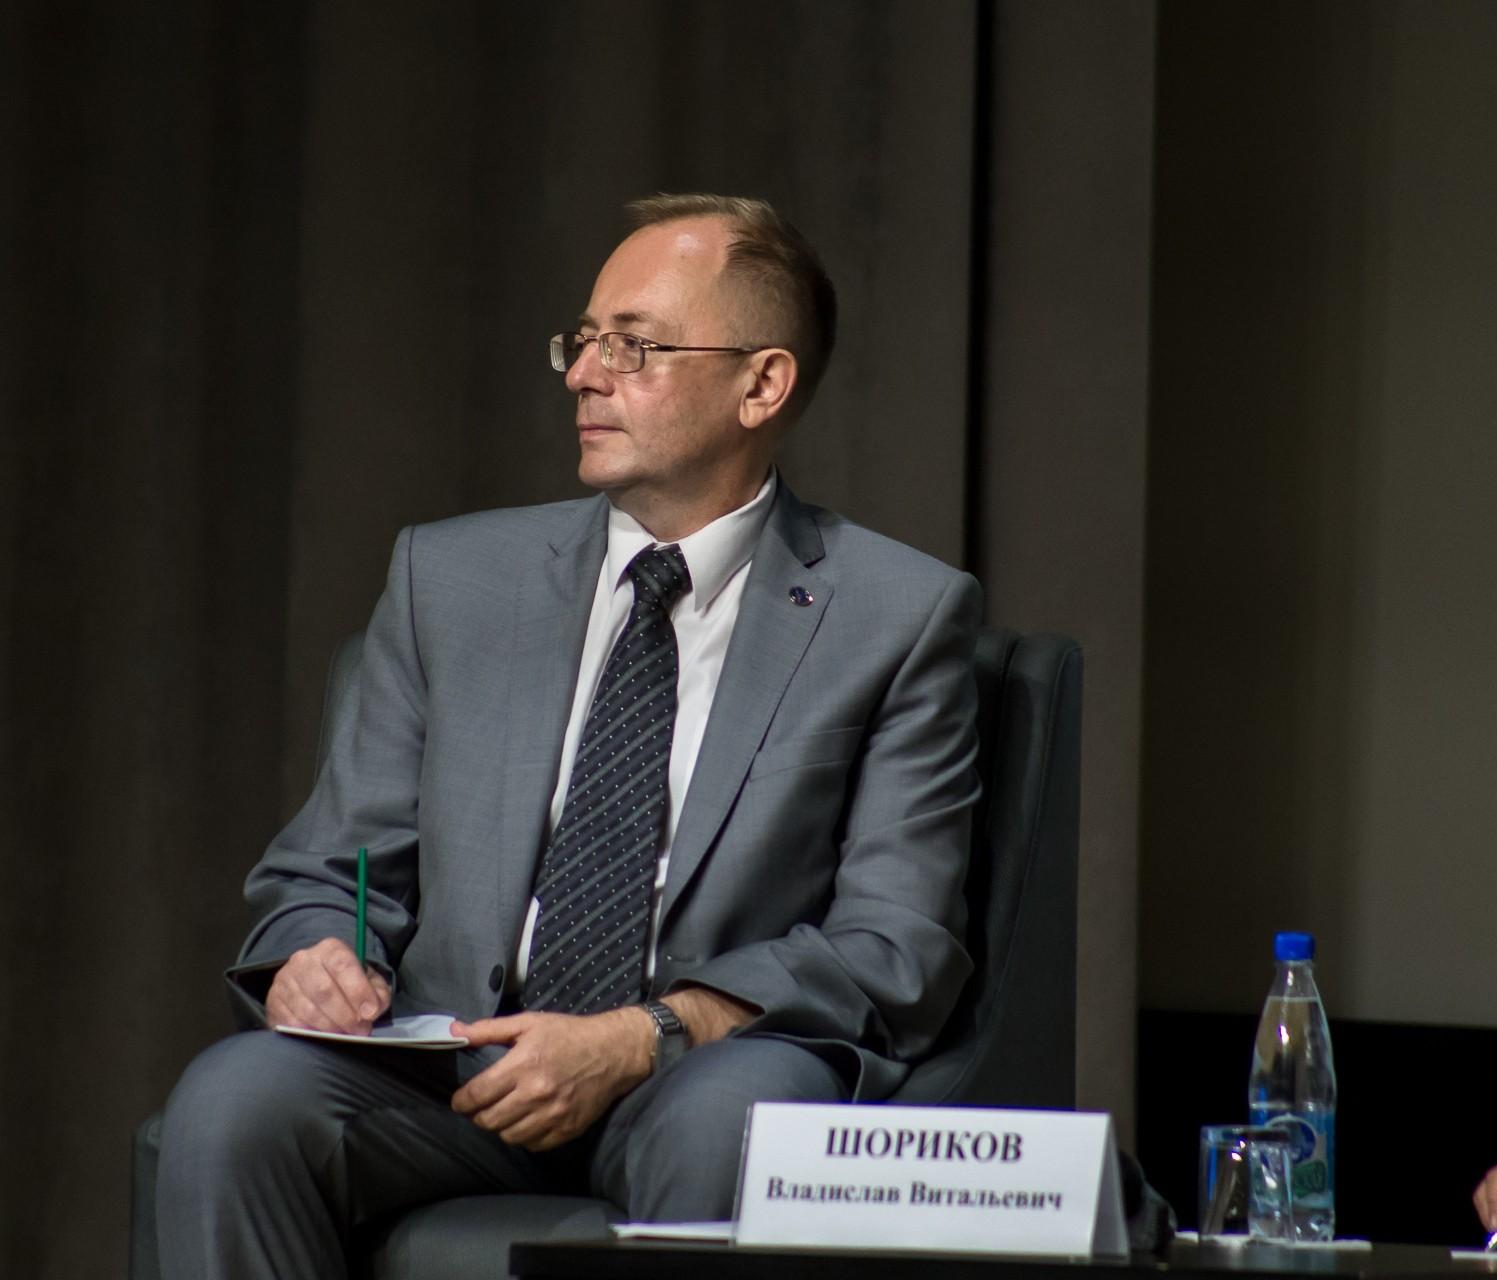 Владислав Шориков: Ритмичность развитию экономики Тверской области придают договоренности губернатора Игоря Рудени с крупными партнерами